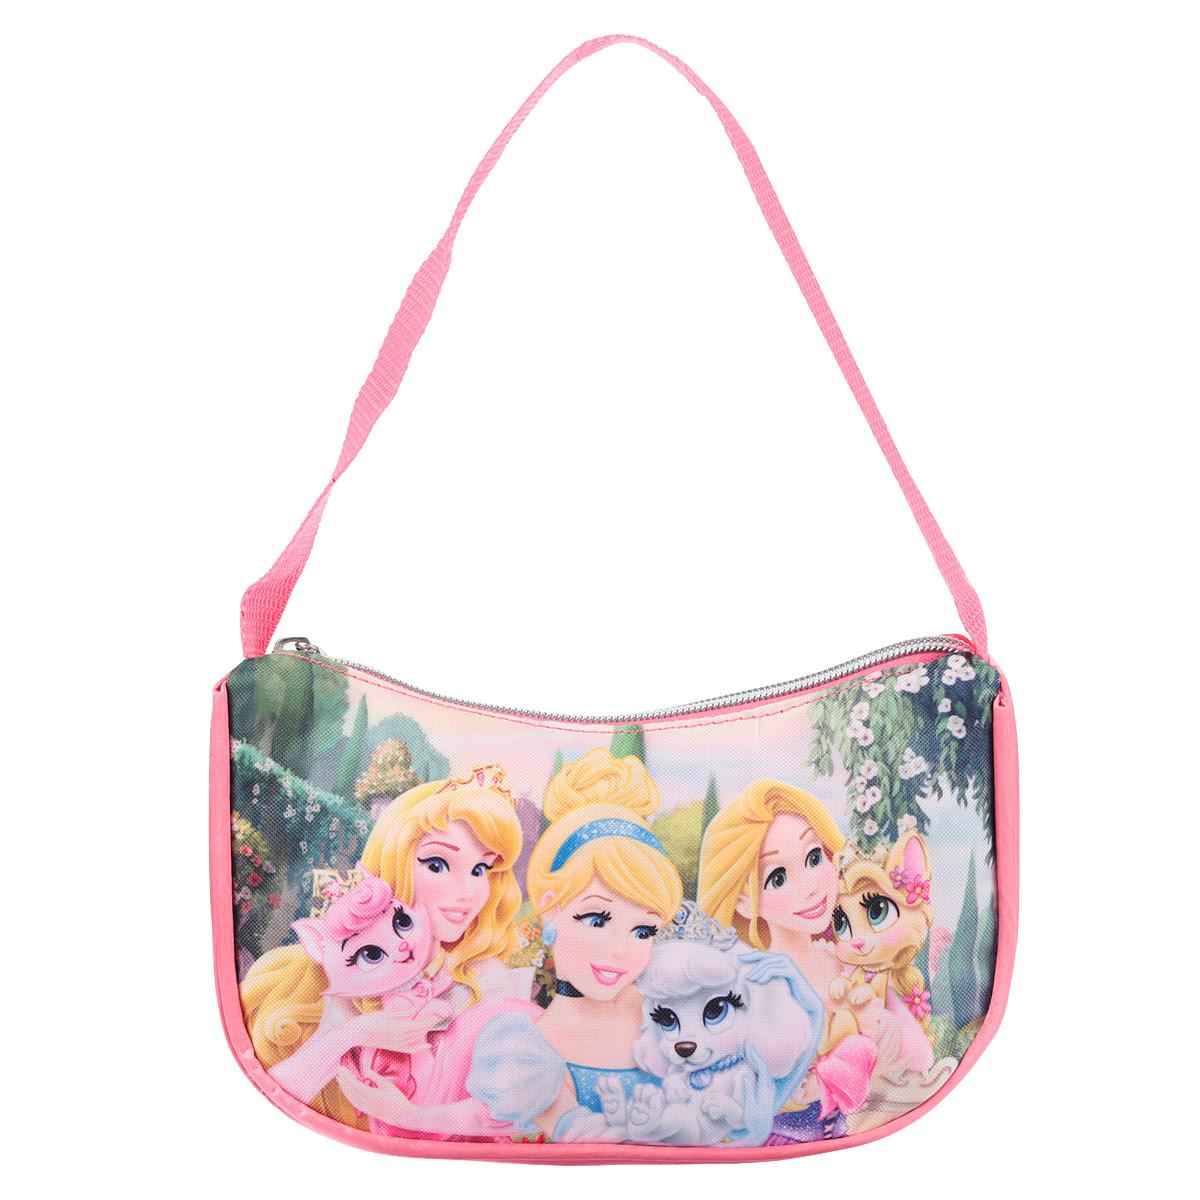 Сумочка детская Princess, цвет: розовый. PRCB-UT4-4018PRCB-UT4-4018Детская сумочка Princess - это модный аксессуар для юной поклонницы популярного мультсериала . Сумочка выполнена из прочного материала ярко-розового цвета и оформлена с лицевой стороны аппликацией из полиэстера с изображением трех принцесс. Сумочка содержит компактное одно отделение и закрывается с помощью застежки-молнии. Сумочка оснащена ручкой для переноски в руке. Высота ручки 17 см.Порадуйте свою малышку таким замечательным подарком! Предназначено для детей 7-10 лет.